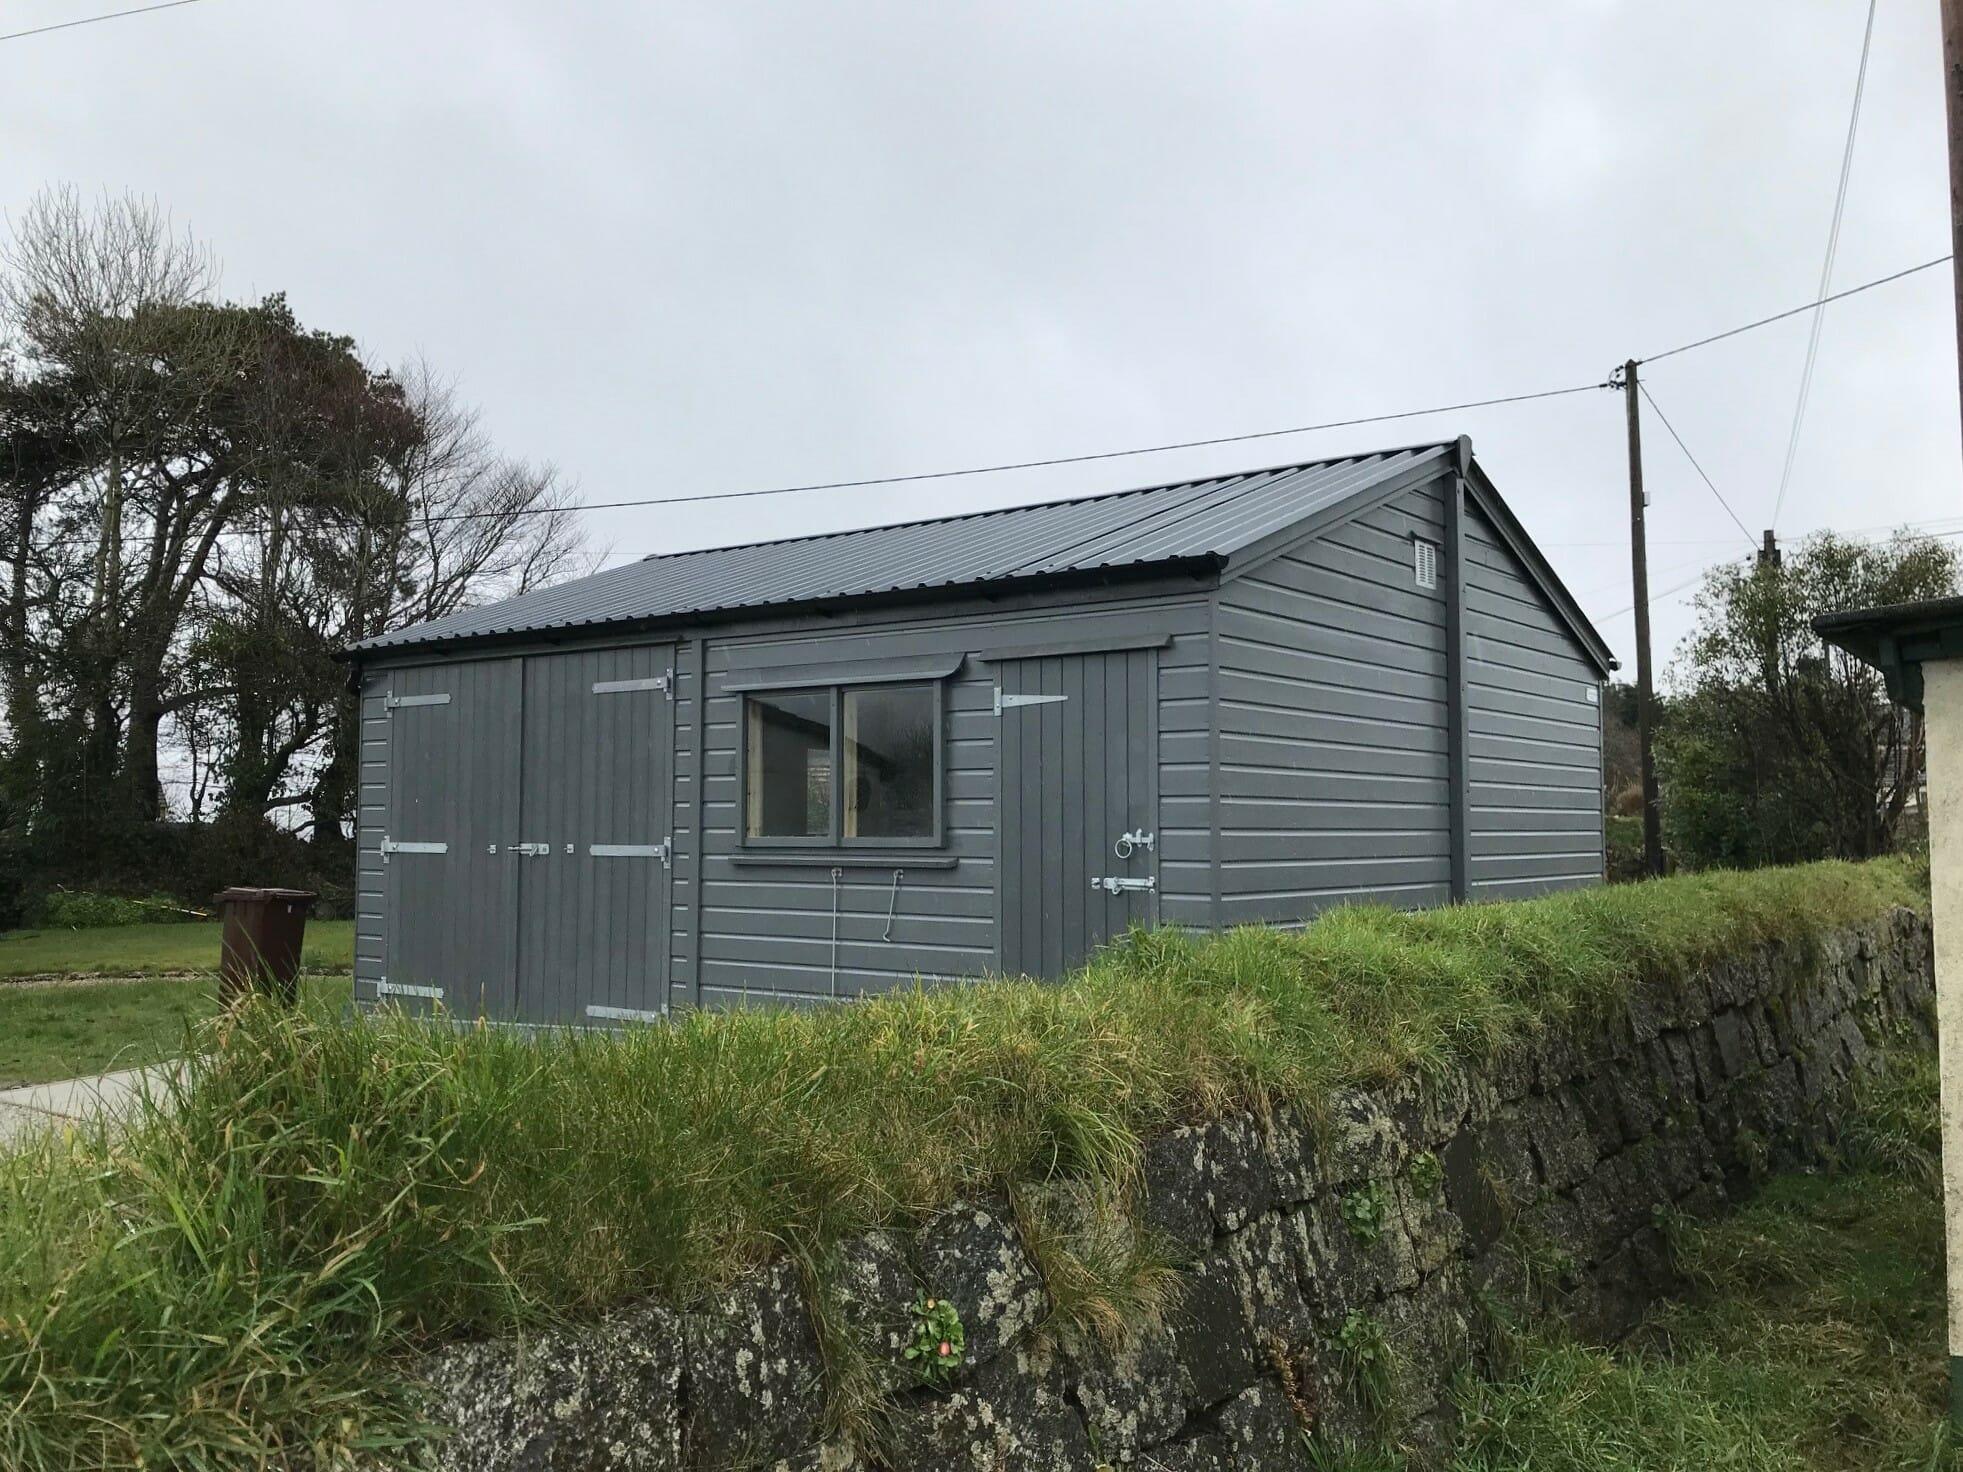 Painted garage with double doors and personnel door